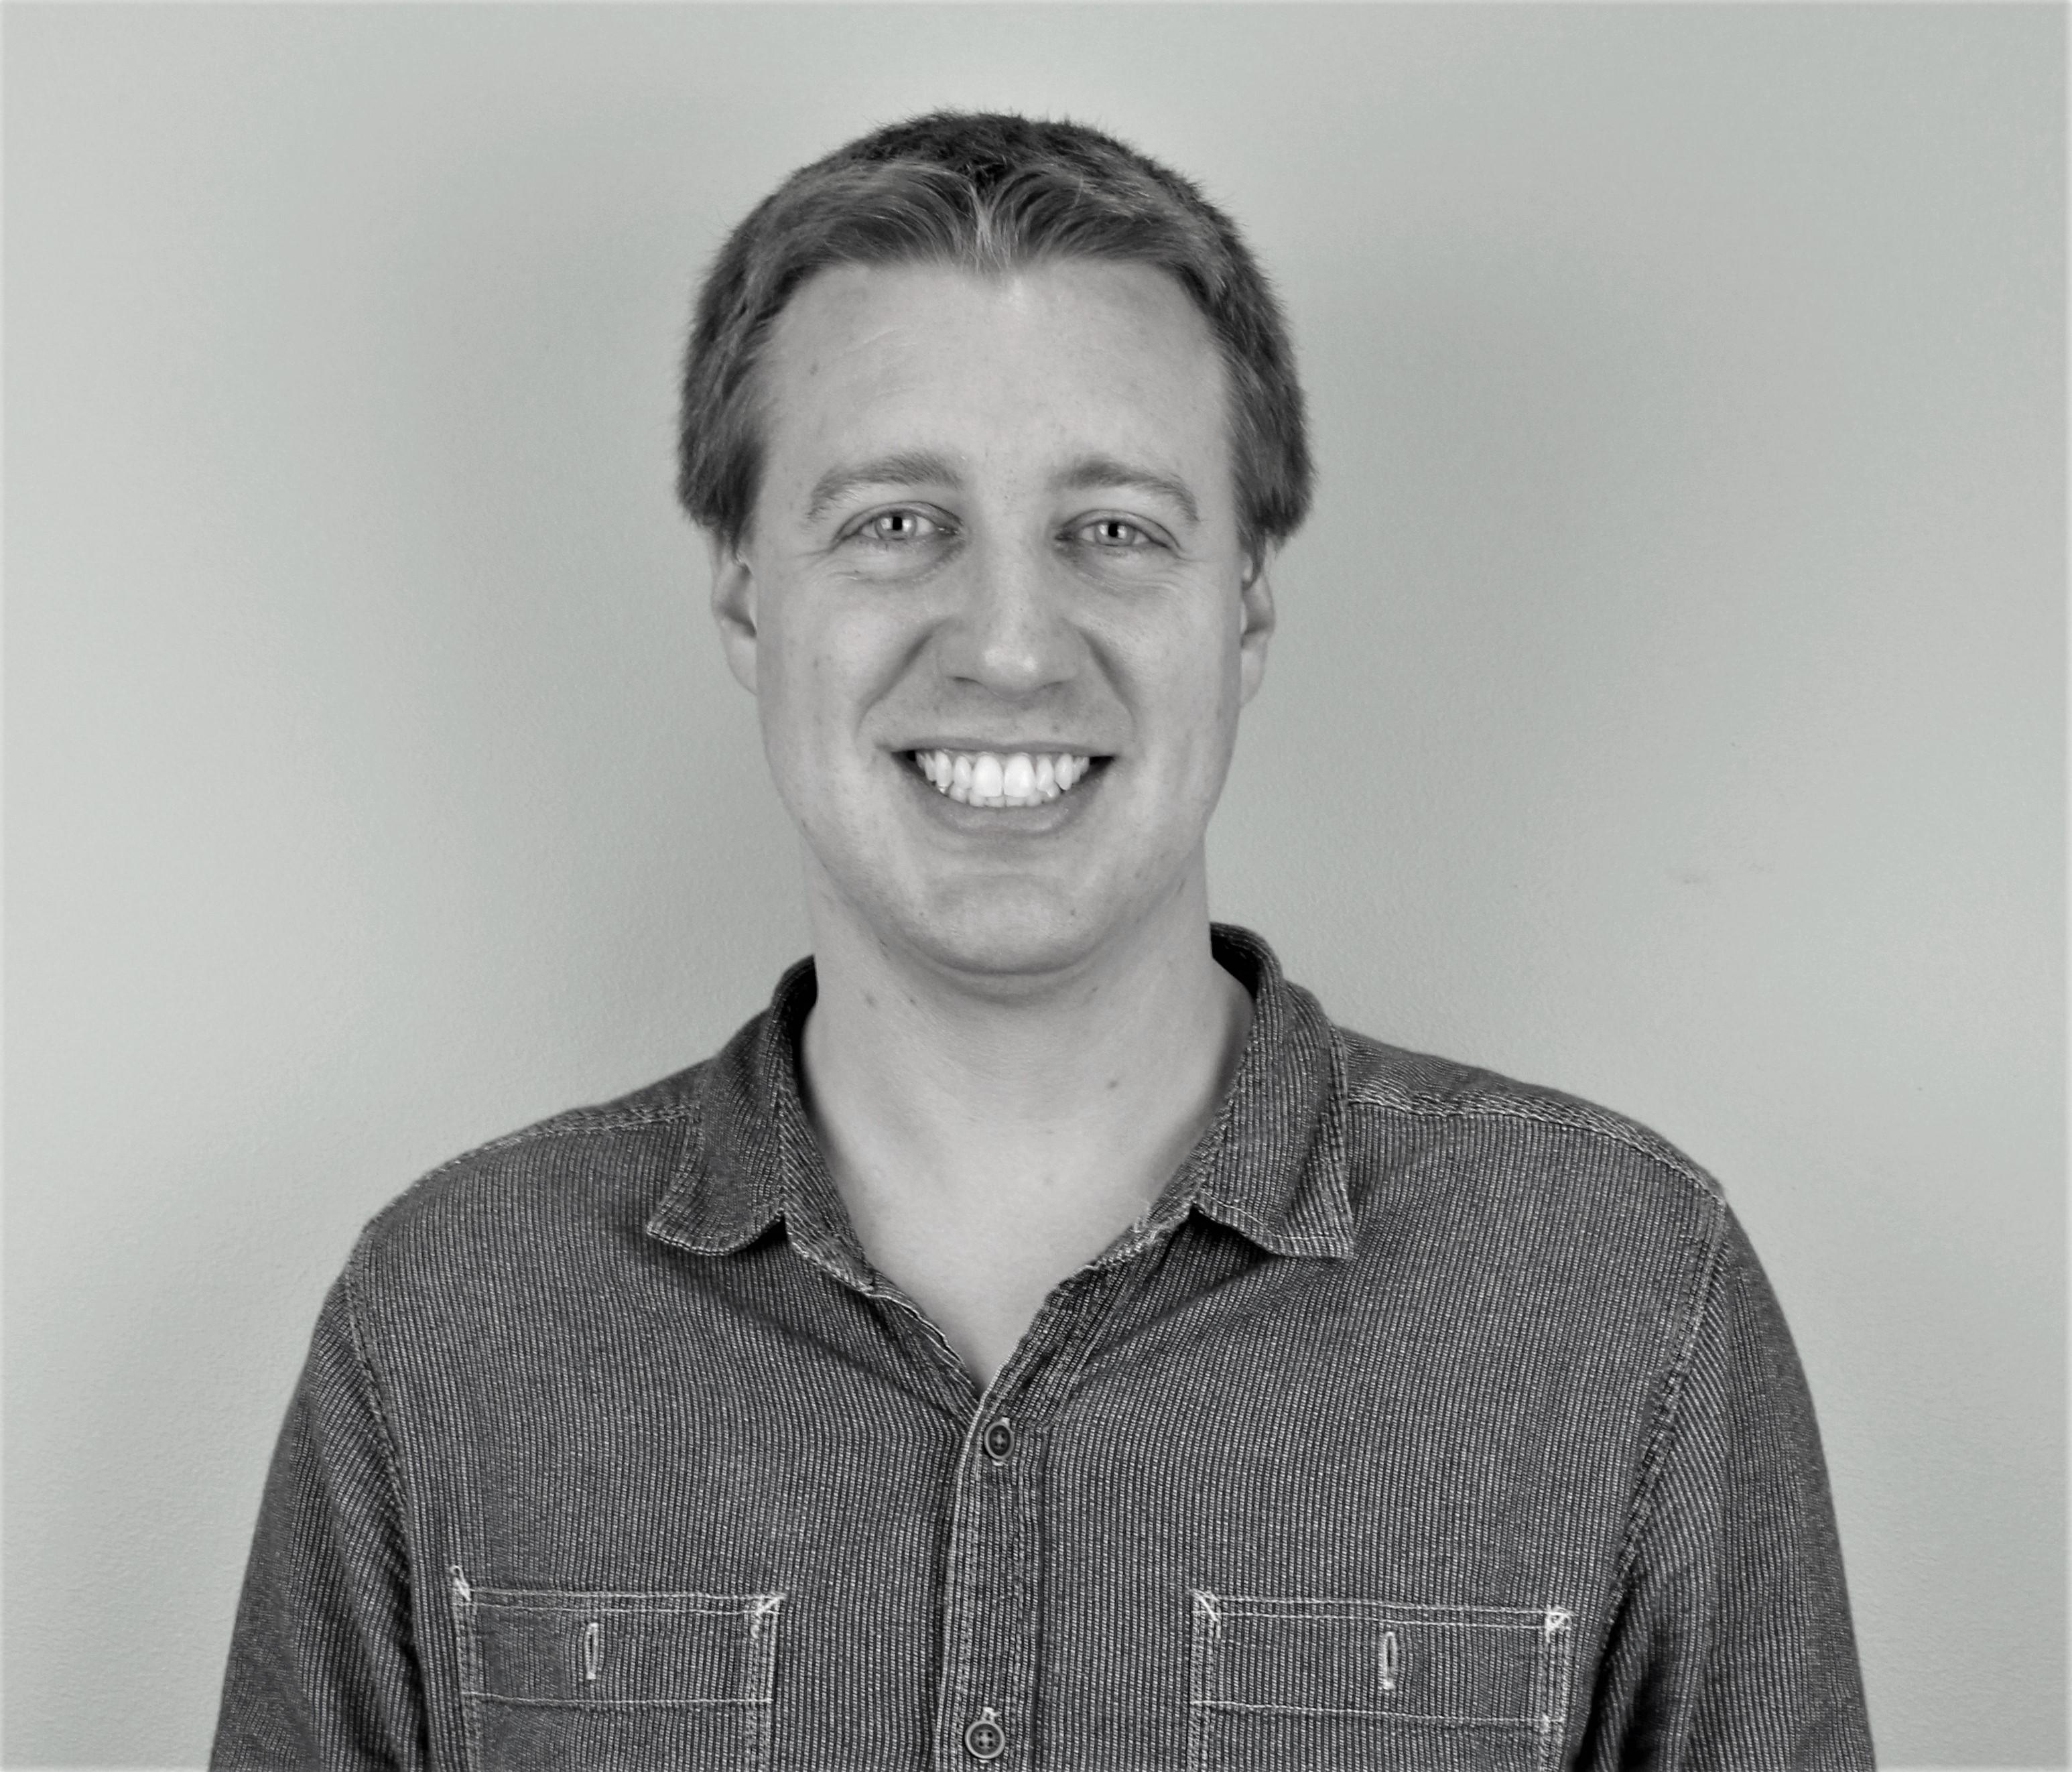 Shawn Powrie